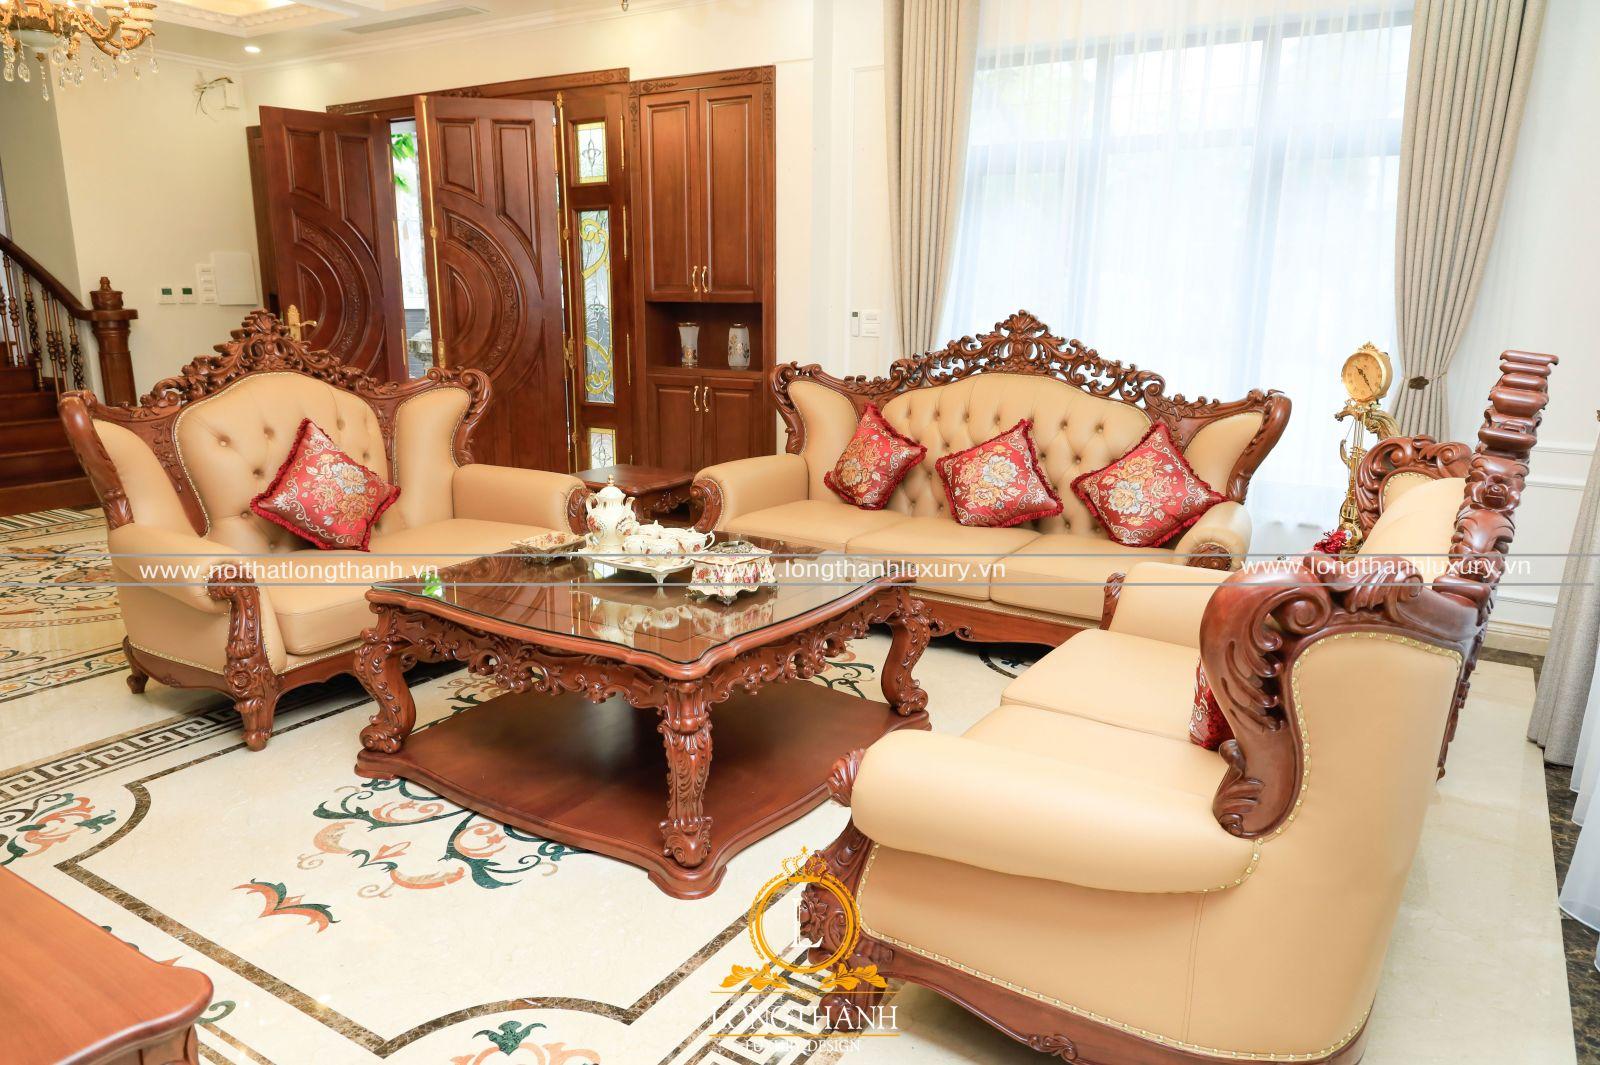 Điểm nhấn chính cho không gian phòng khách là bộ sofa tân cổ điển gỗ Gõ